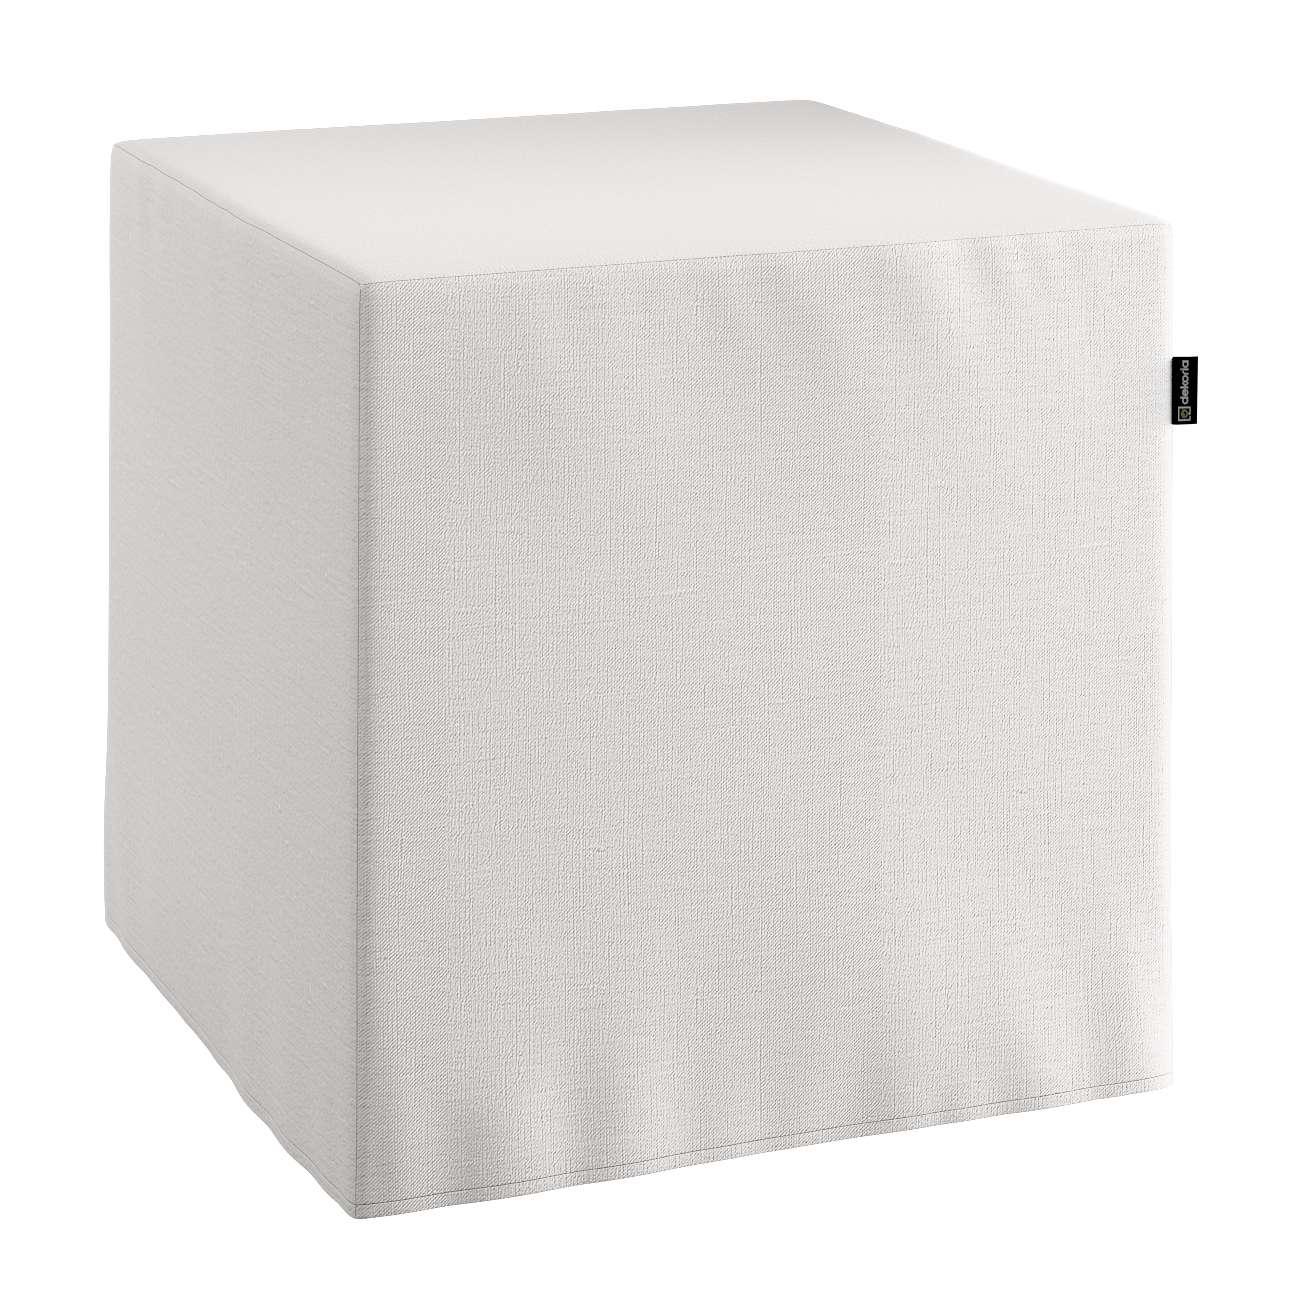 Harter Sitzwürfel 40 x 40 x 40 cm von der Kollektion Leinen, Stoff: 392-04